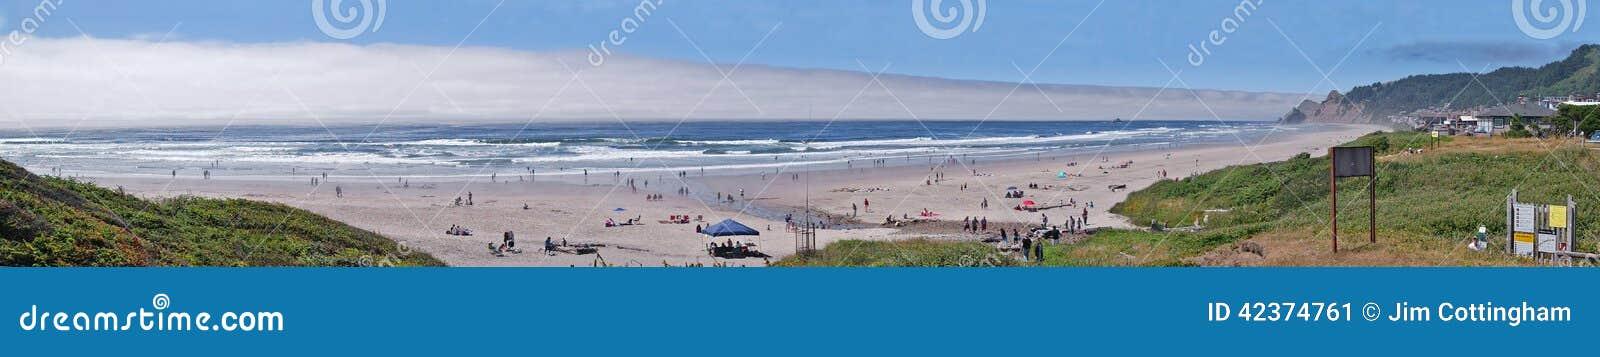 Strandactiviteit - Panorama